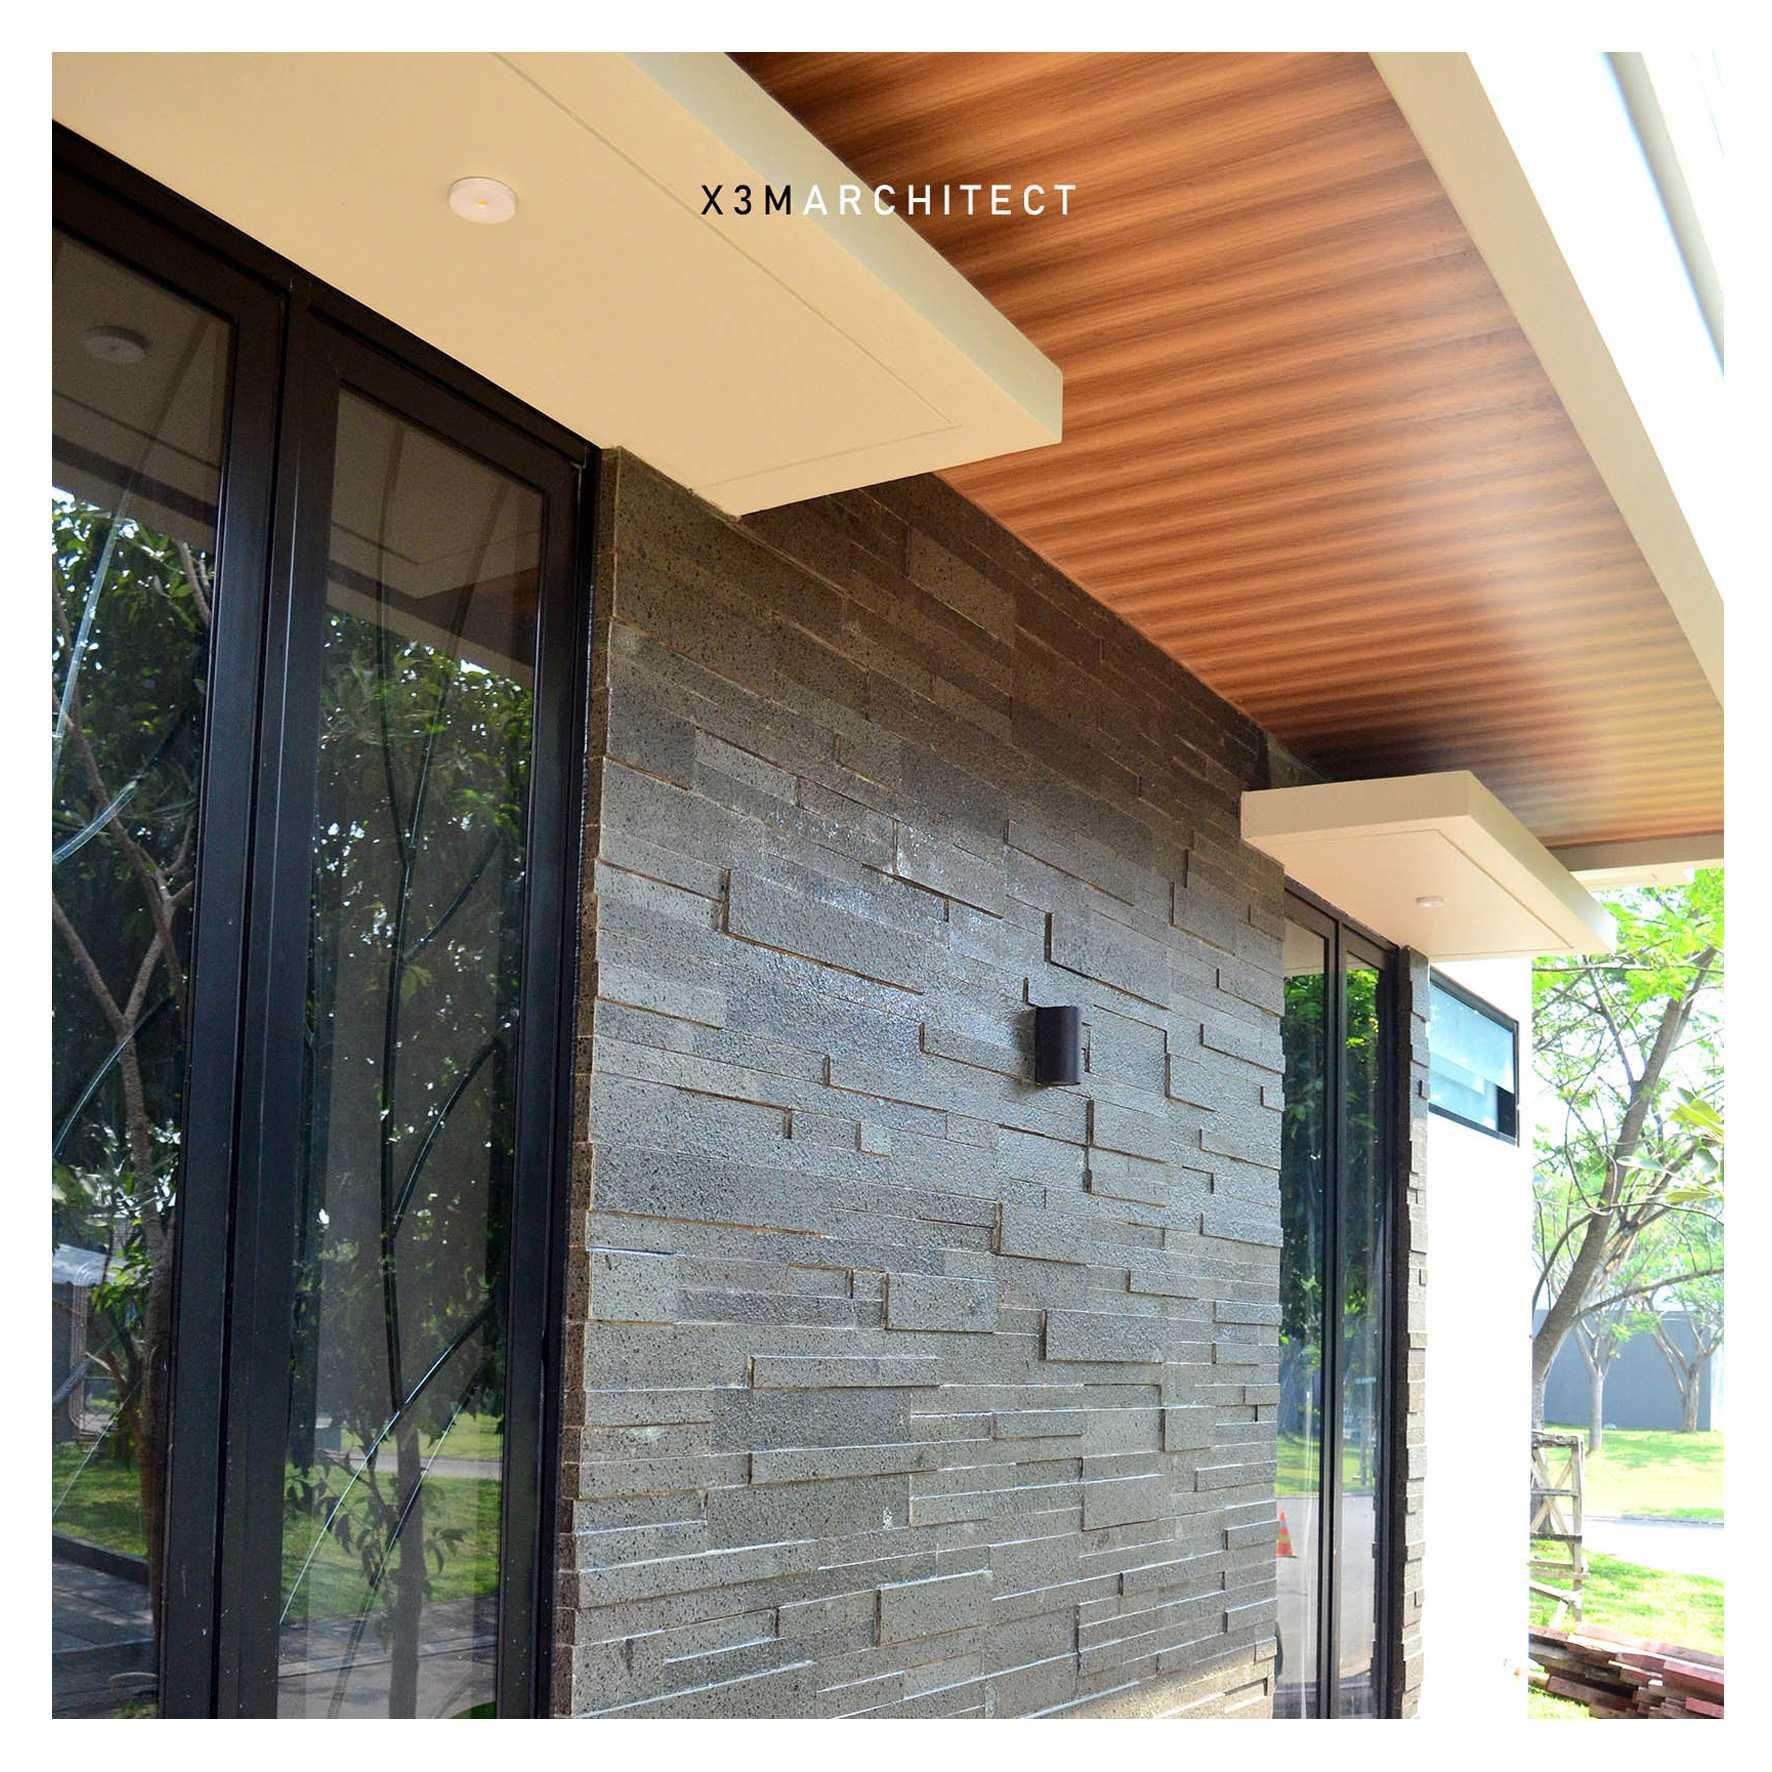 X3M Architects Nittaya A5 1 House Sampora, Kec. Cisauk, Tangerang, Banten 15345, Indonesia Sampora, Kec. Cisauk, Tangerang, Banten 15345, Indonesia X3M-Architects-Nittaya-A5-1  75970